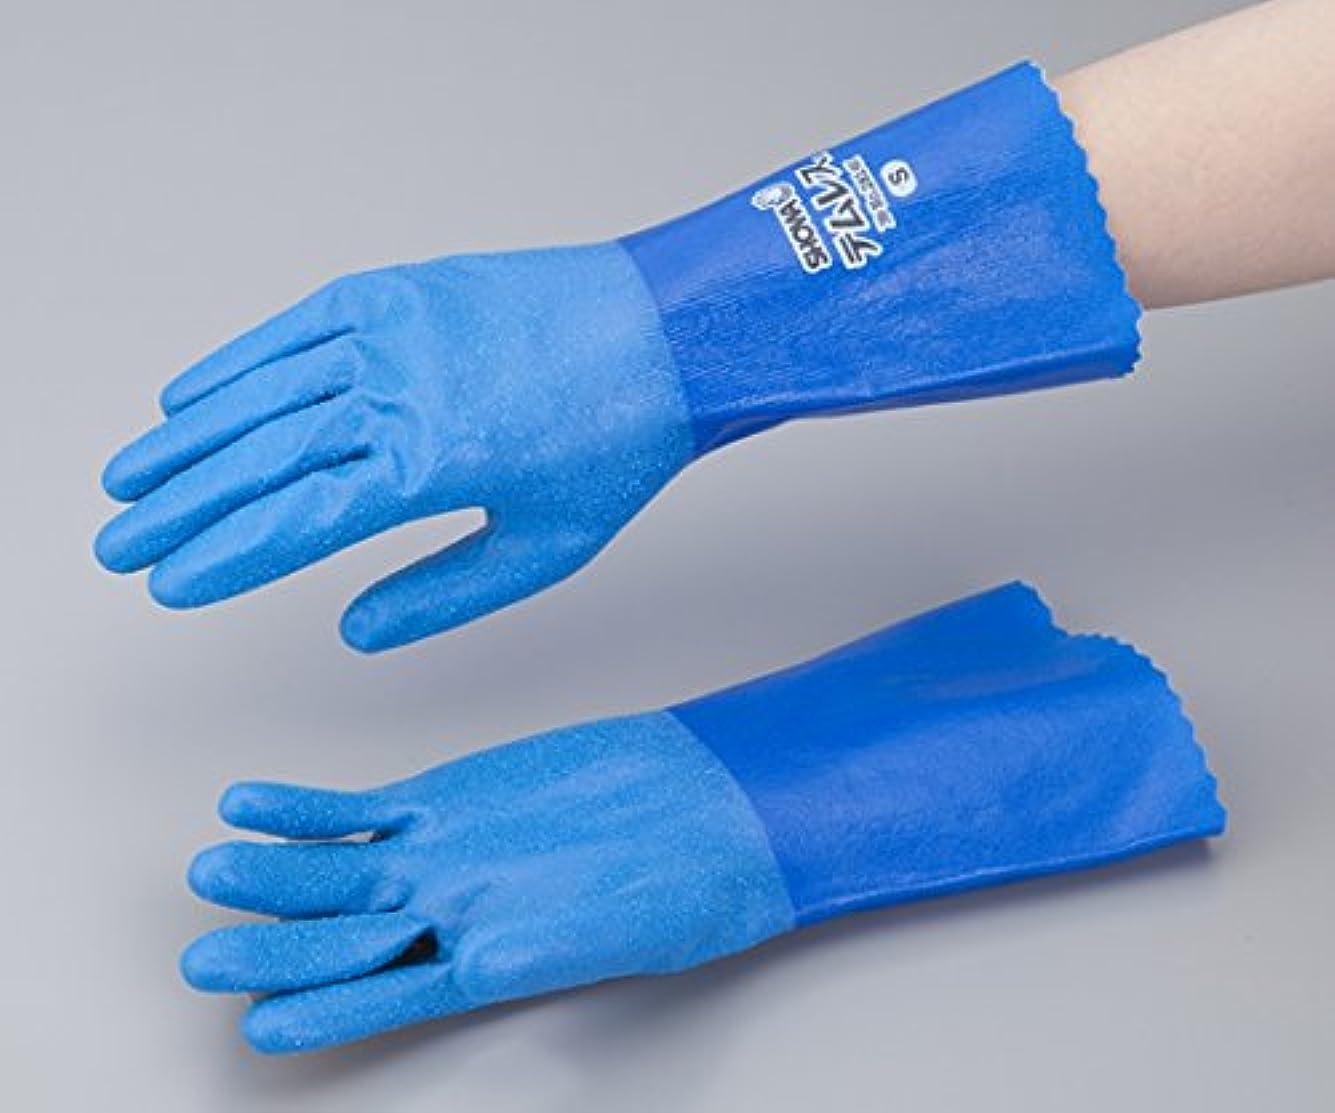 飲み込む関係する回復ショーワグローブ1-1826-03透湿防水手袋(テムレス(R))No.281L